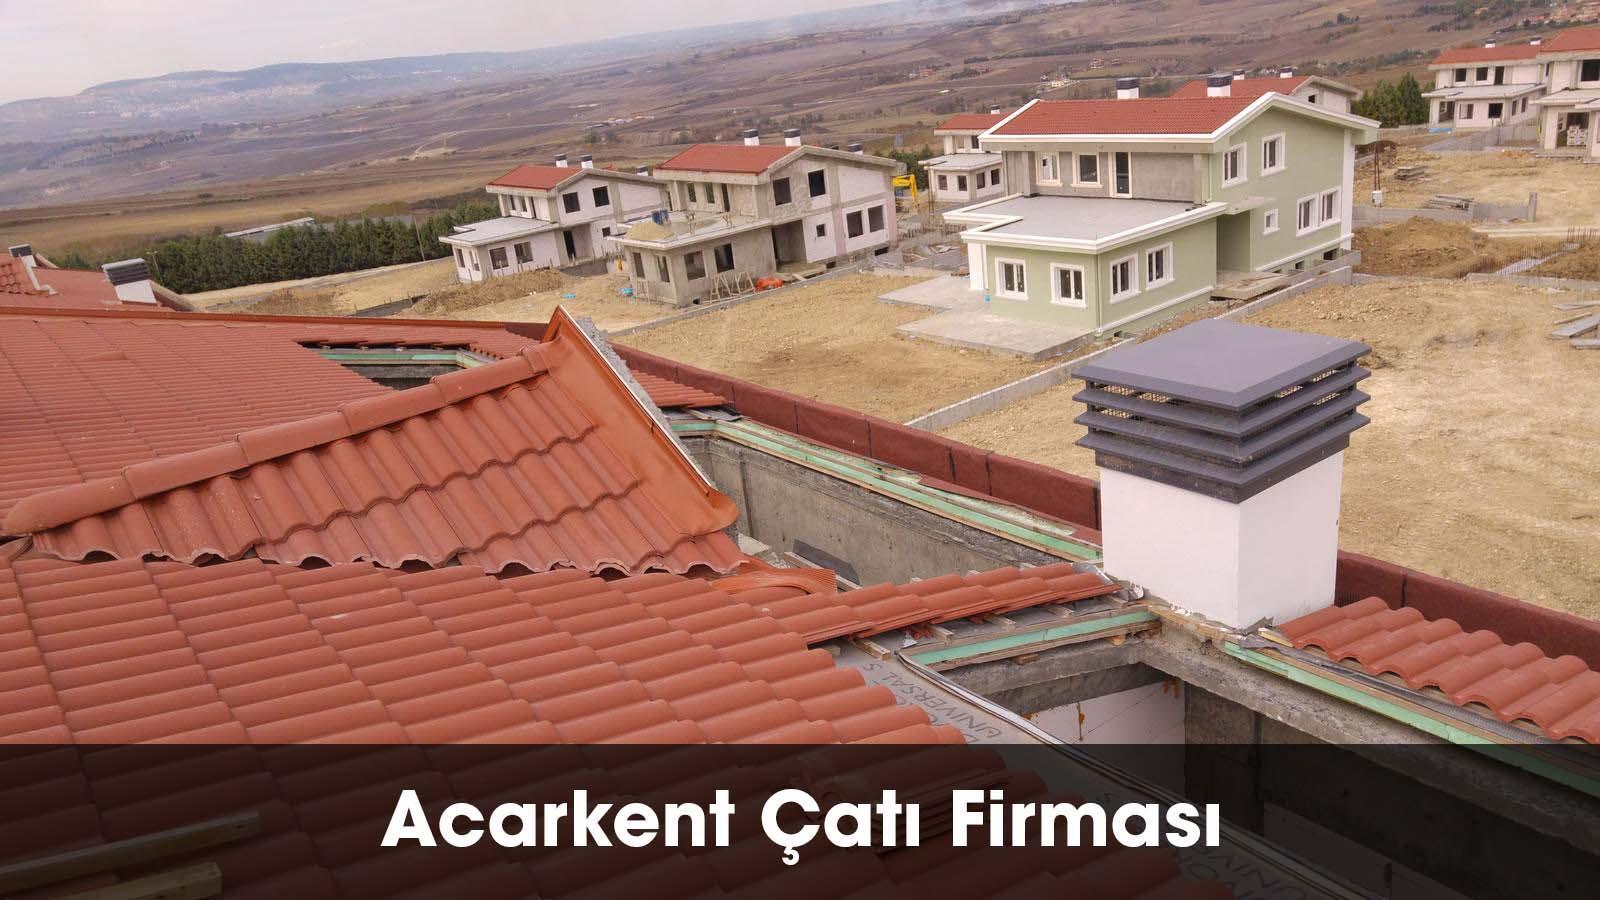 Acarkent çatı firması